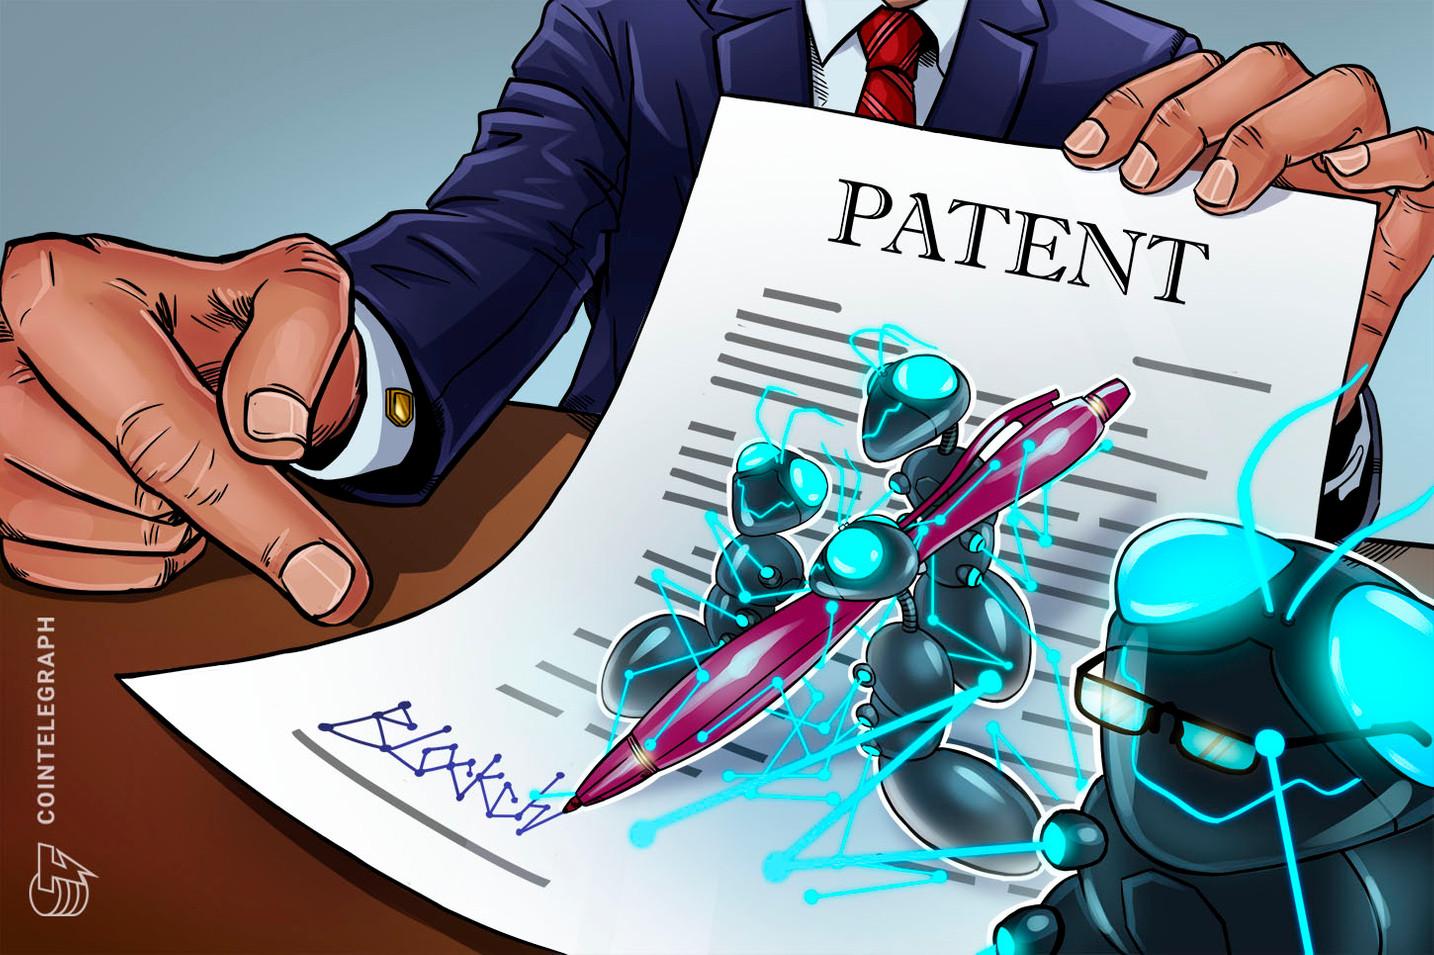 米国防大手所有のサイバーセキュリティー企業、ブロックチェーン関連の特許を取得